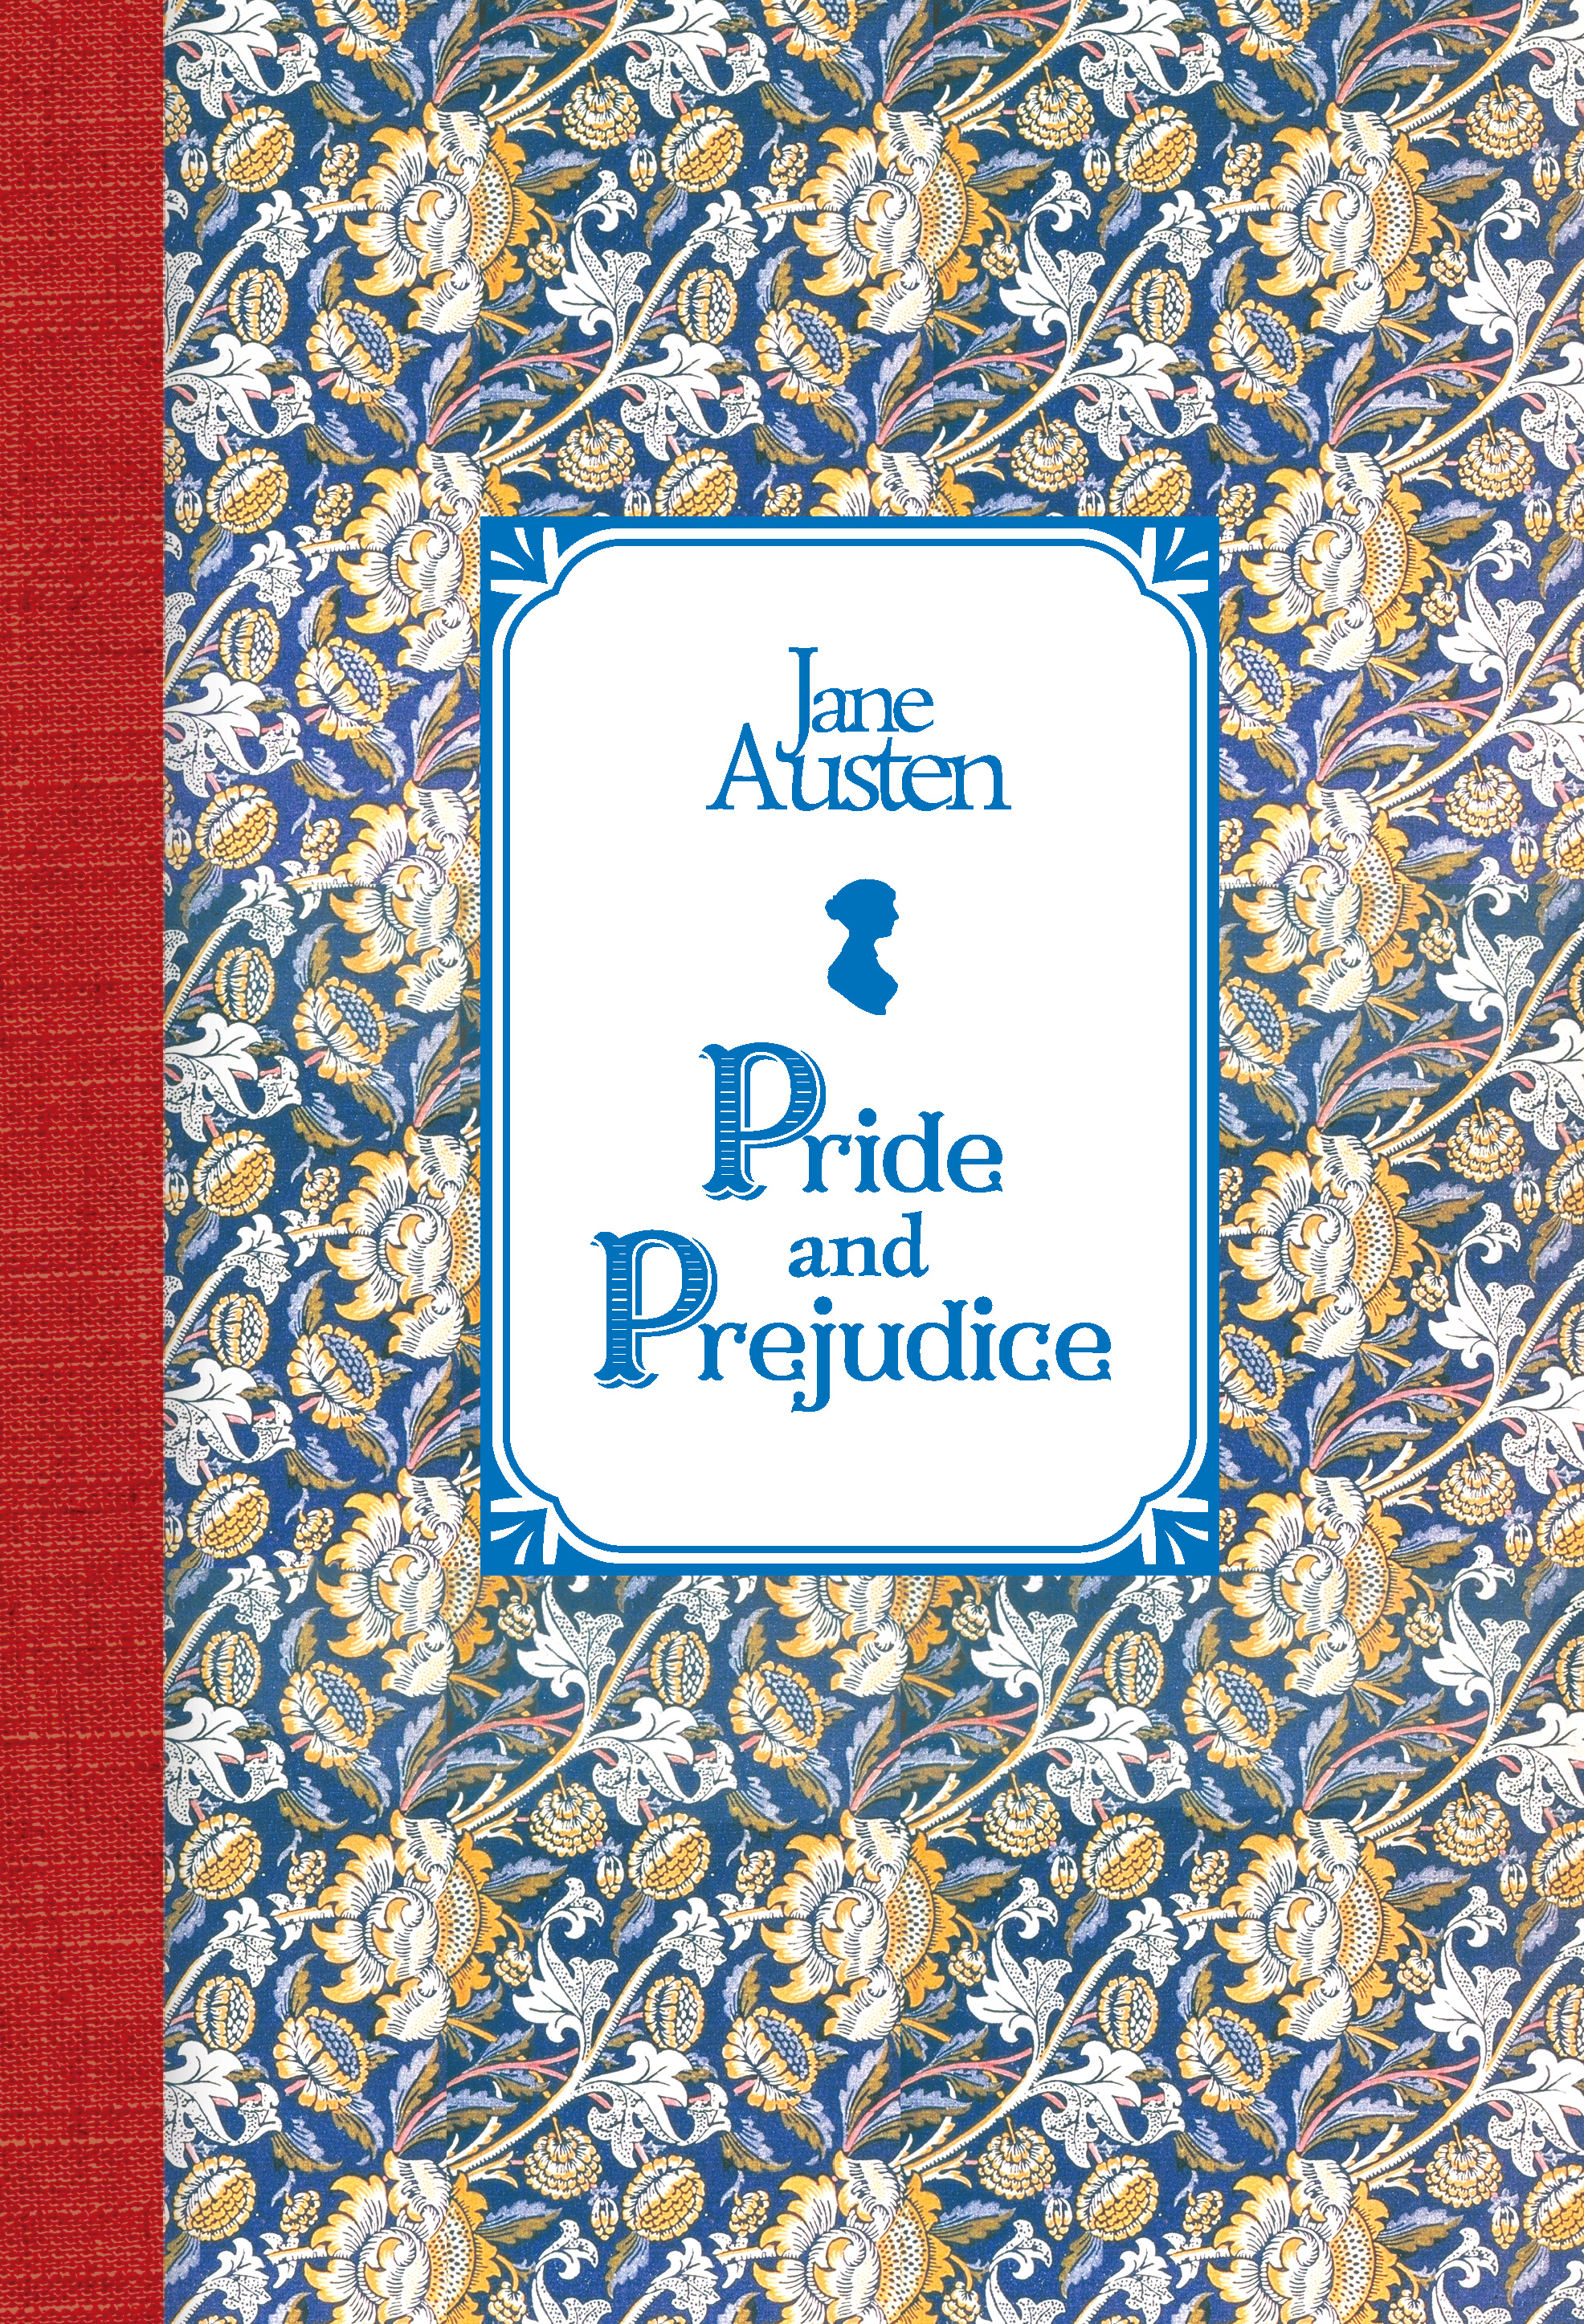 Гордость и предубеждение \/ Pride and Prejudice